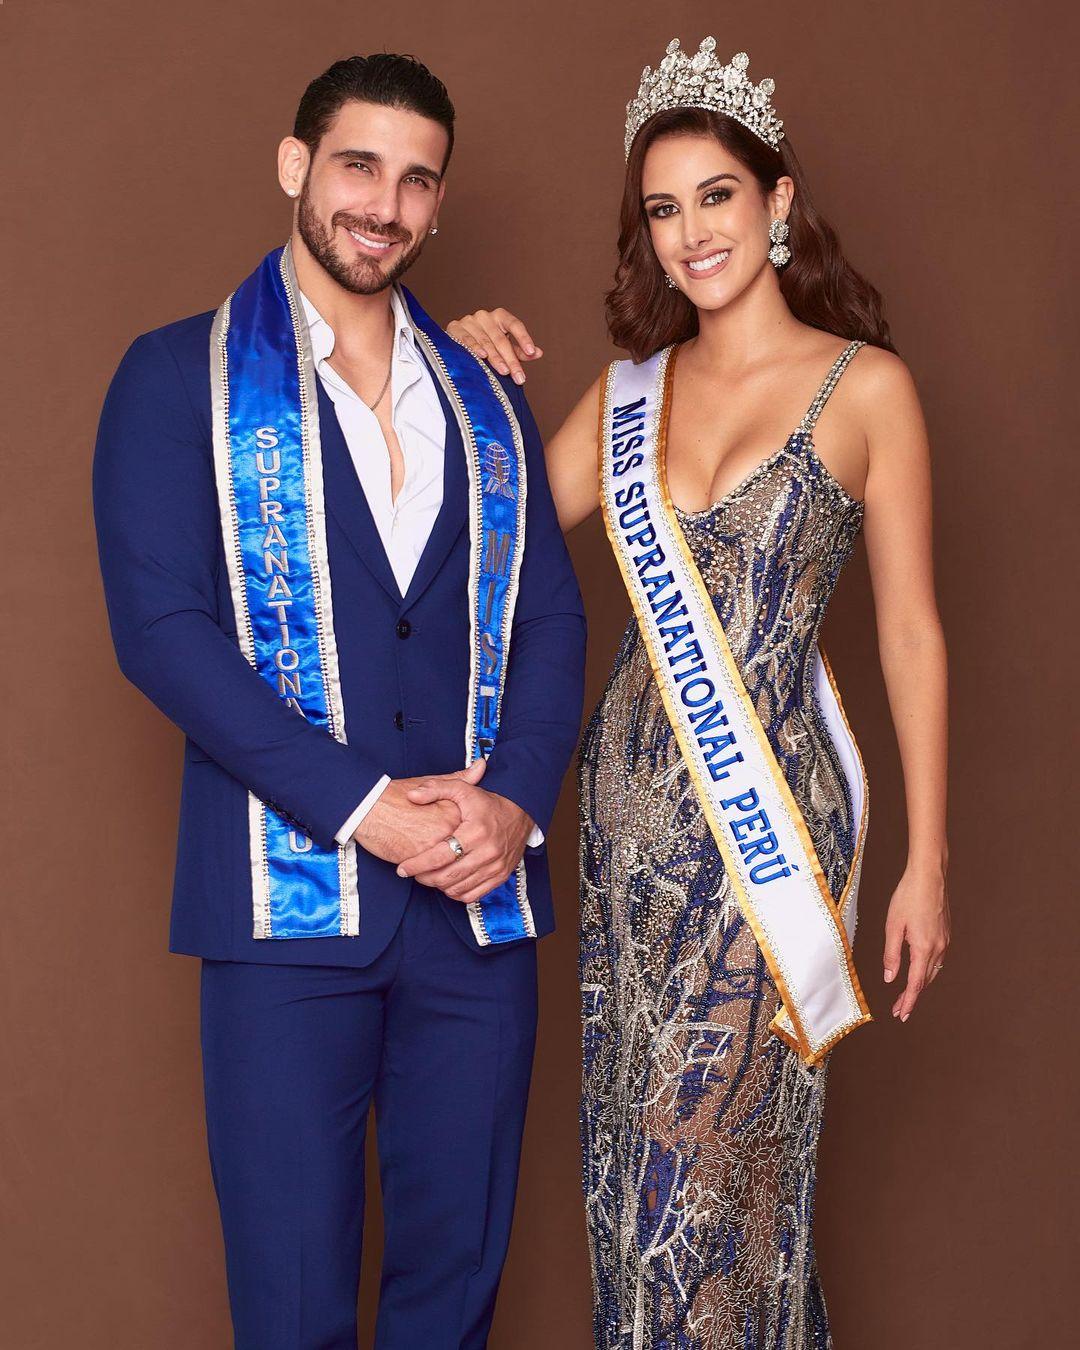 solange hermoza, miss supranational peru 2020, finalista de miss teenager 2014, miss la liberta peru 2020. - Página 3 21134310